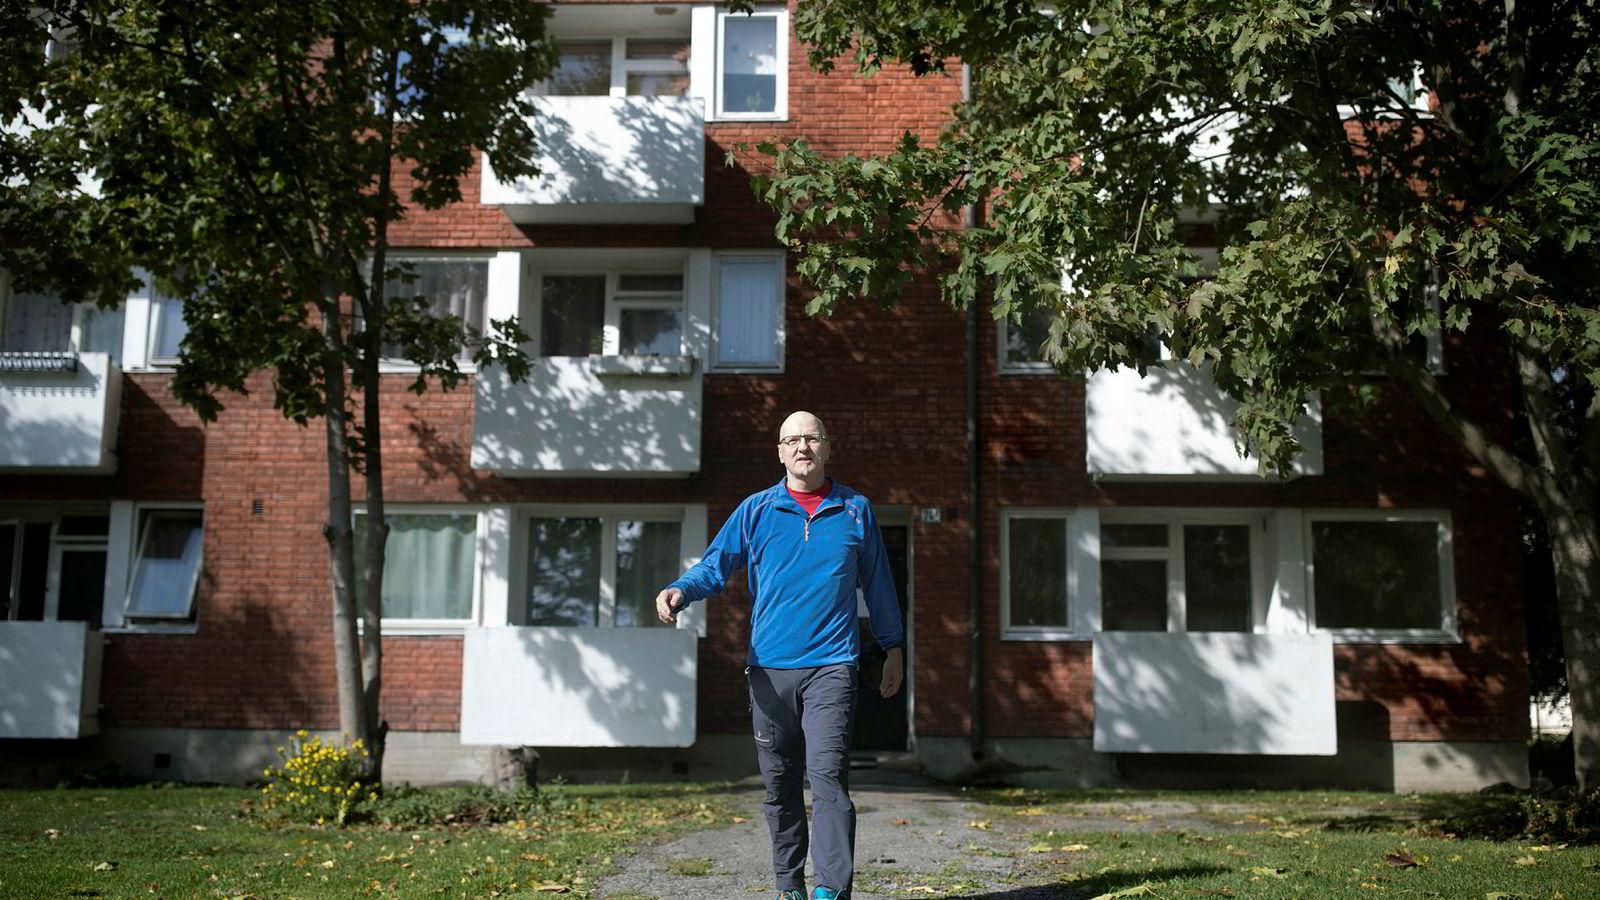 Frode Halse leide i flere tiår i denne gården i Sinsenveien. Nå har han inngått hemmelig forlik med Ivar Tollefsens konsern Fredensborg der han får kjøpe leiligheten til 1,5 millioner kroner.